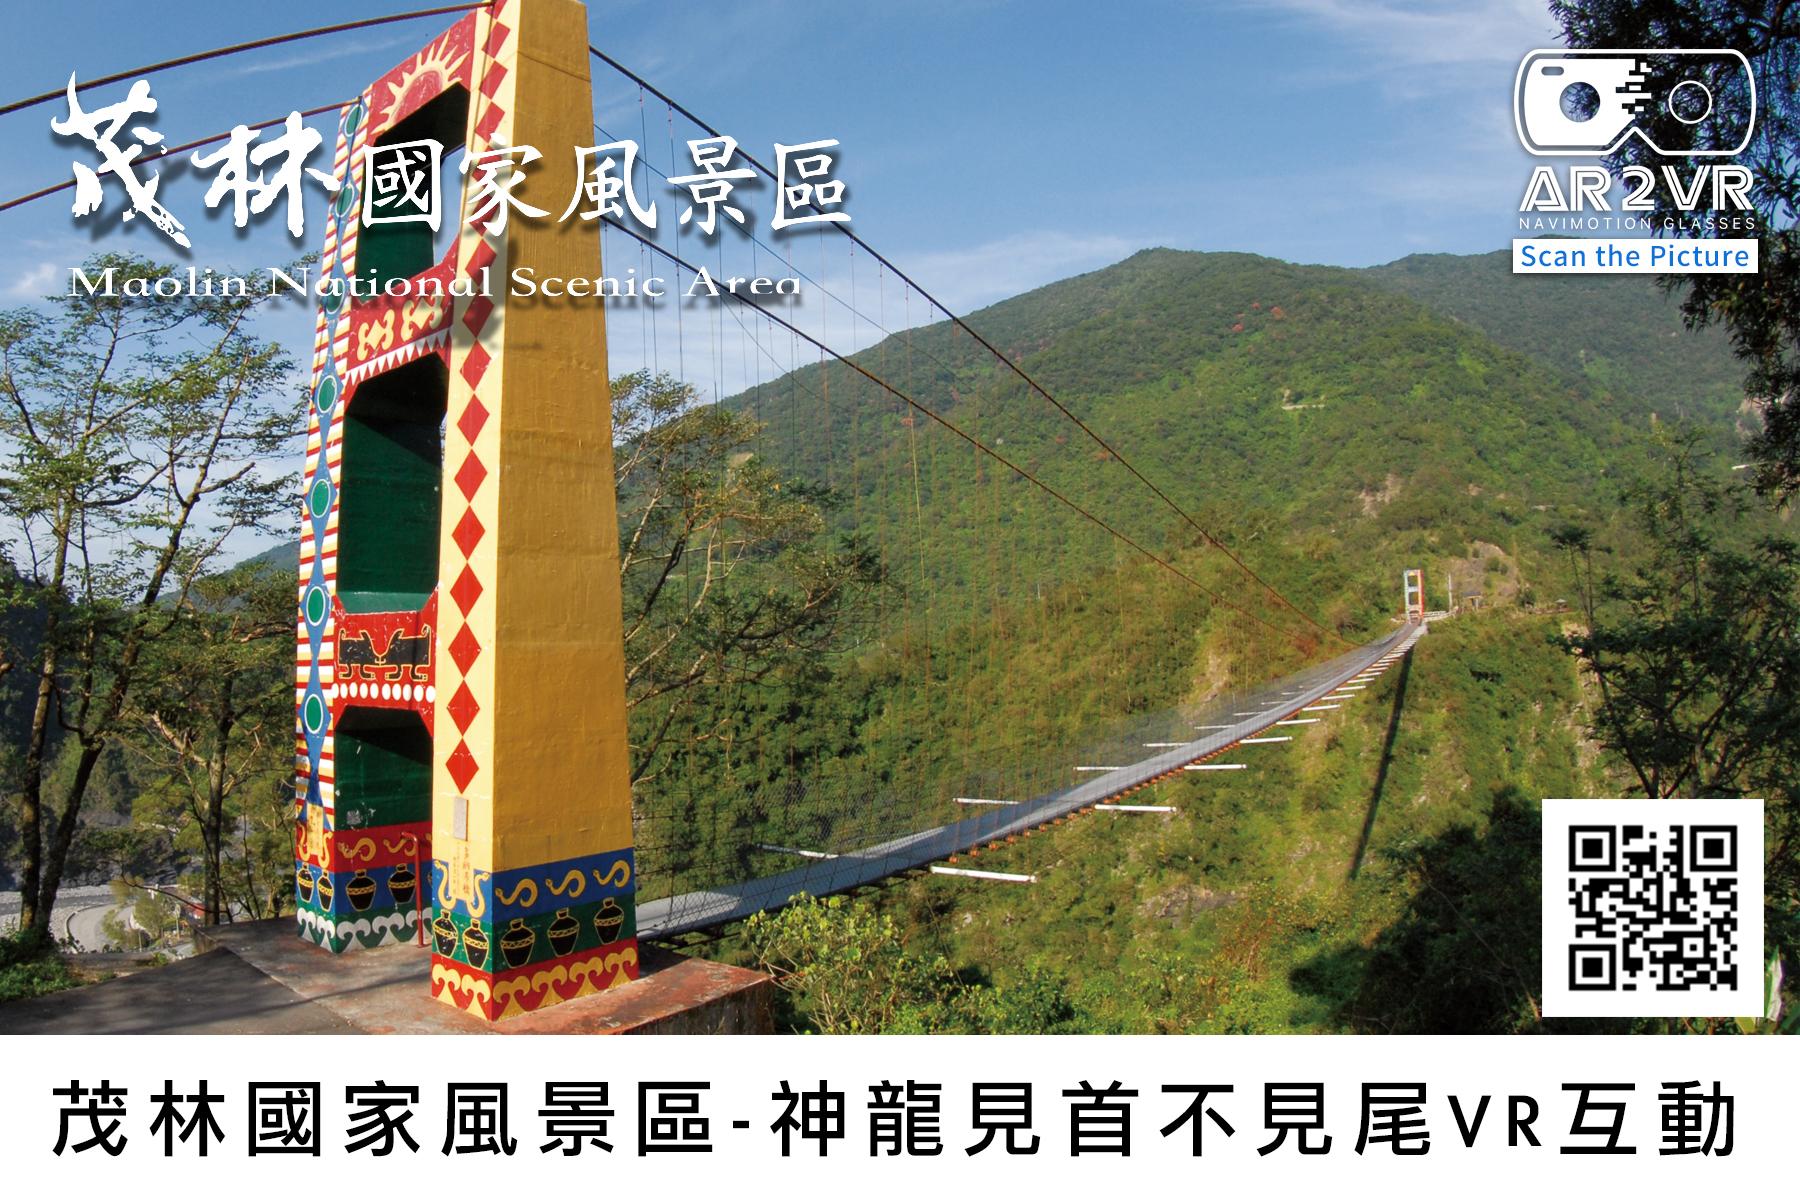 茂林國家風景